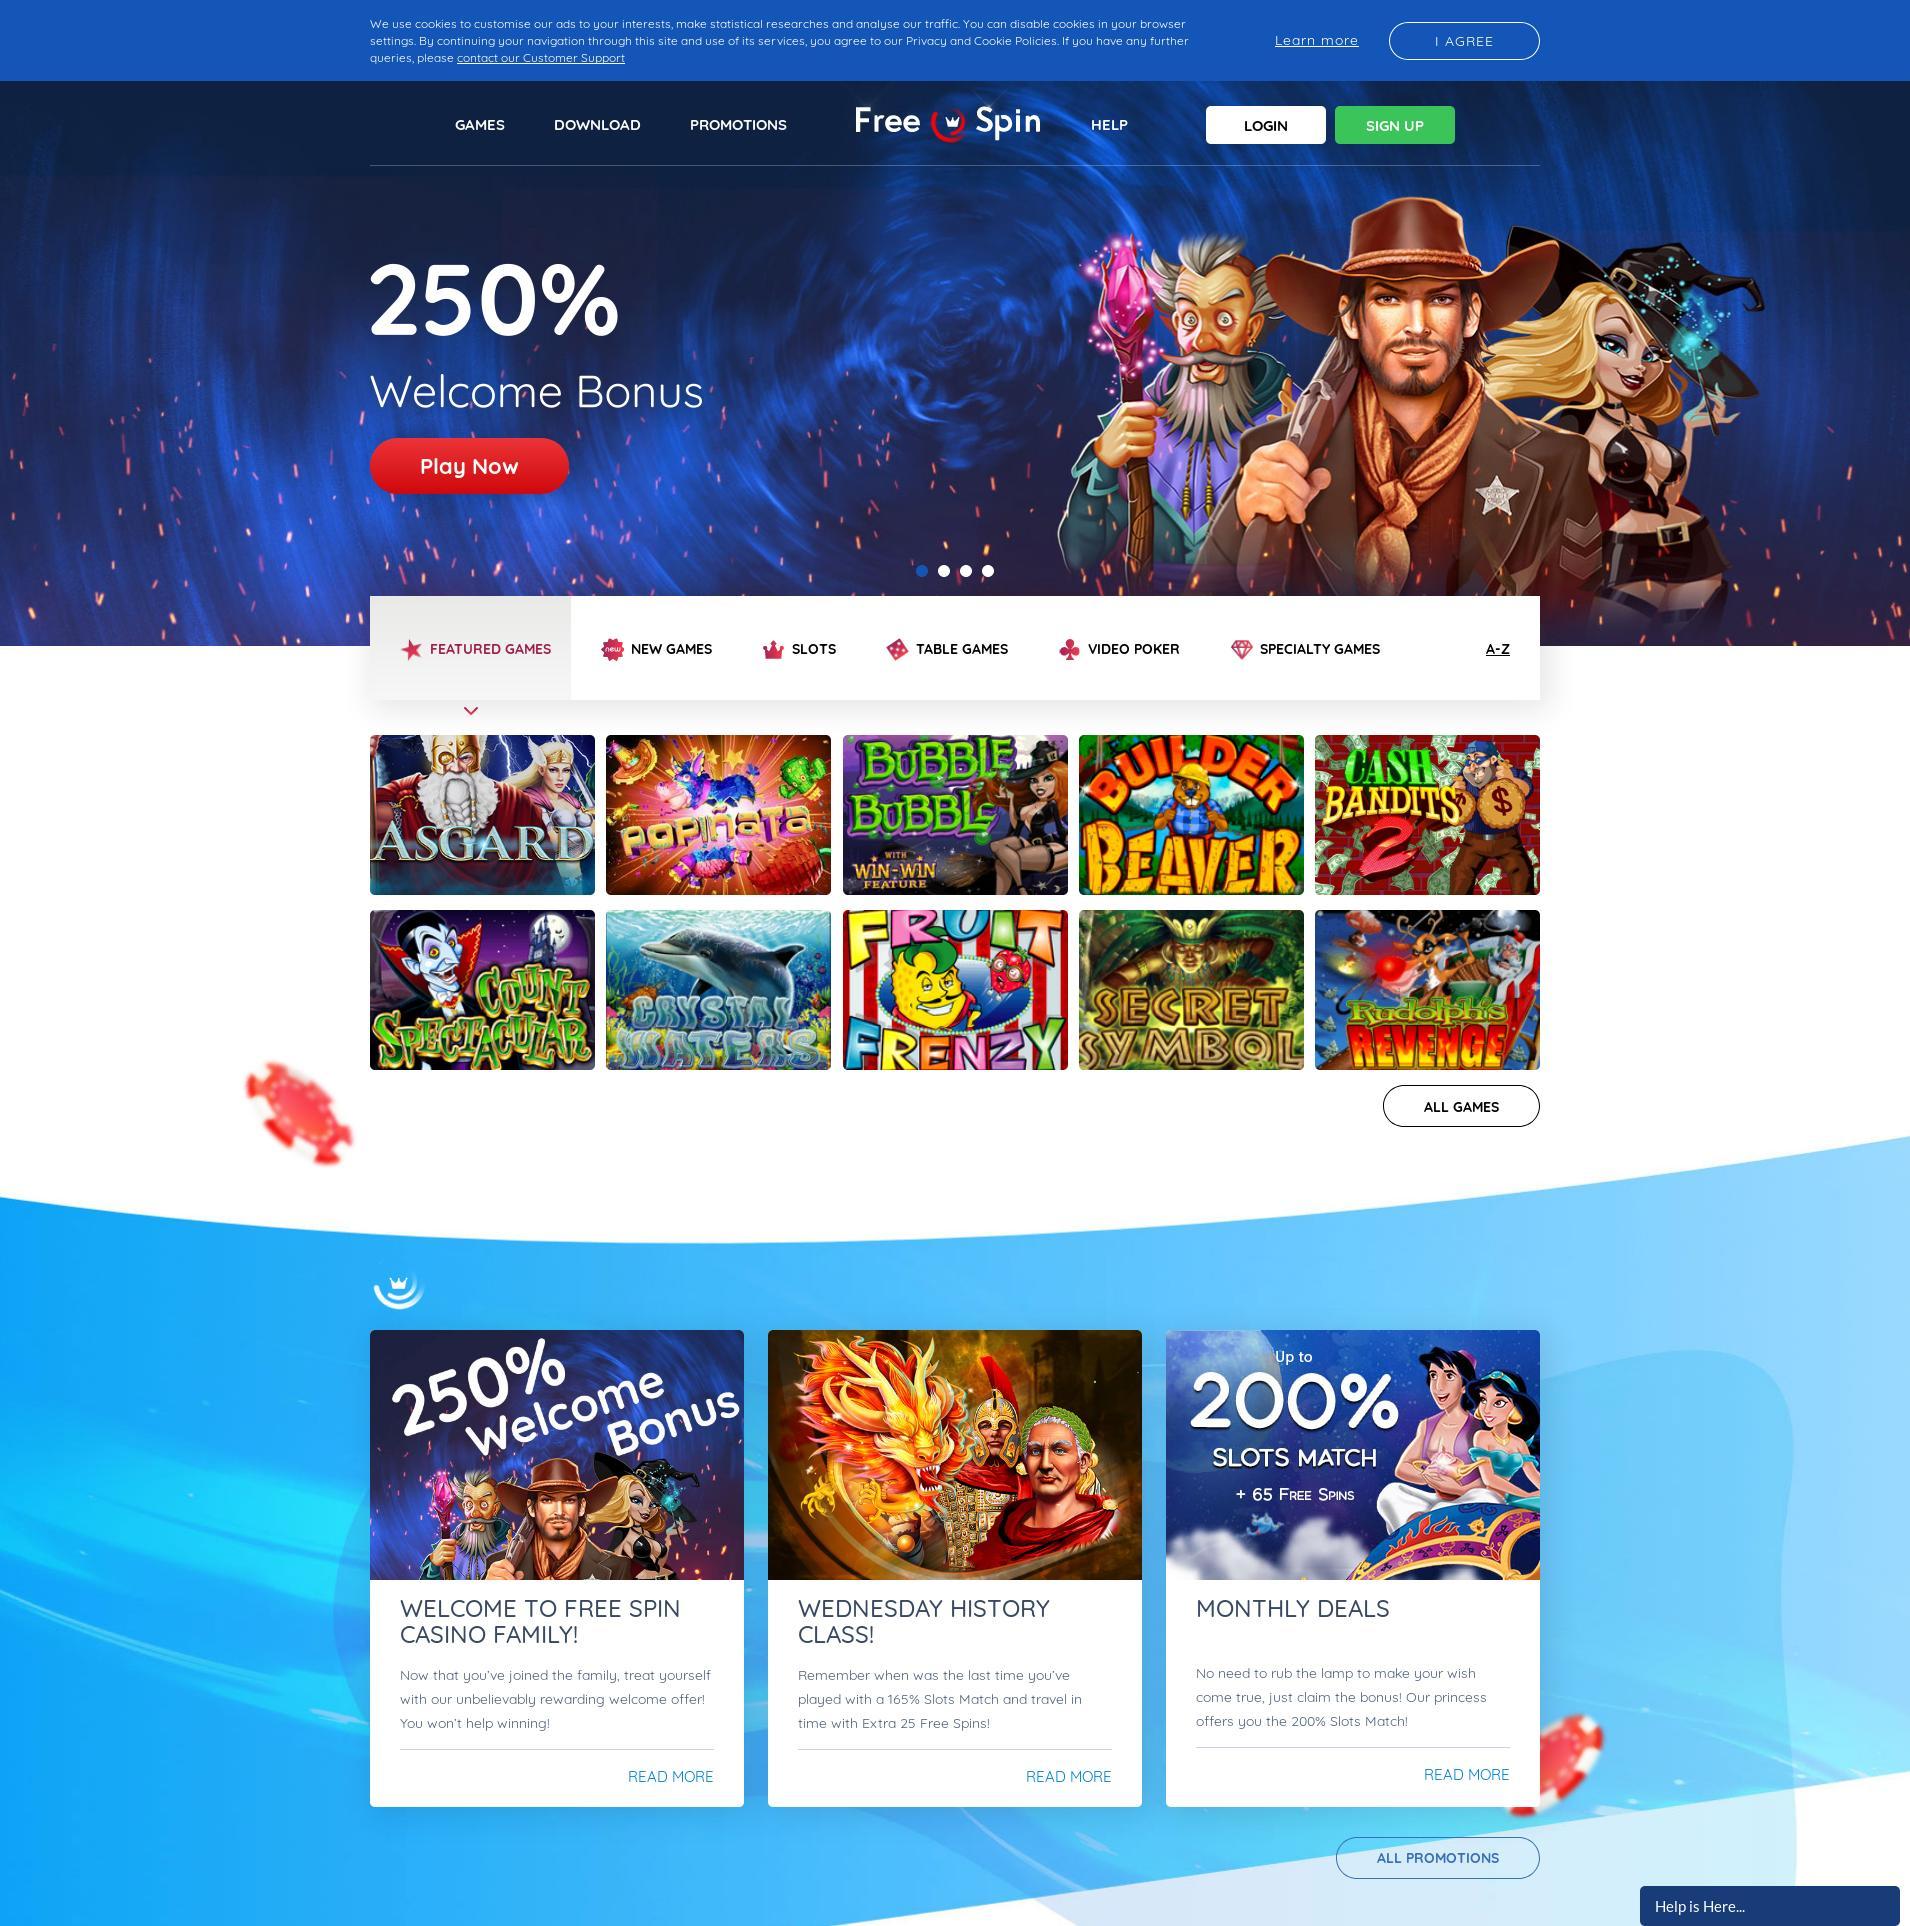 Casino Bildschirm Lobby 2019-12-11 zum Deutschland